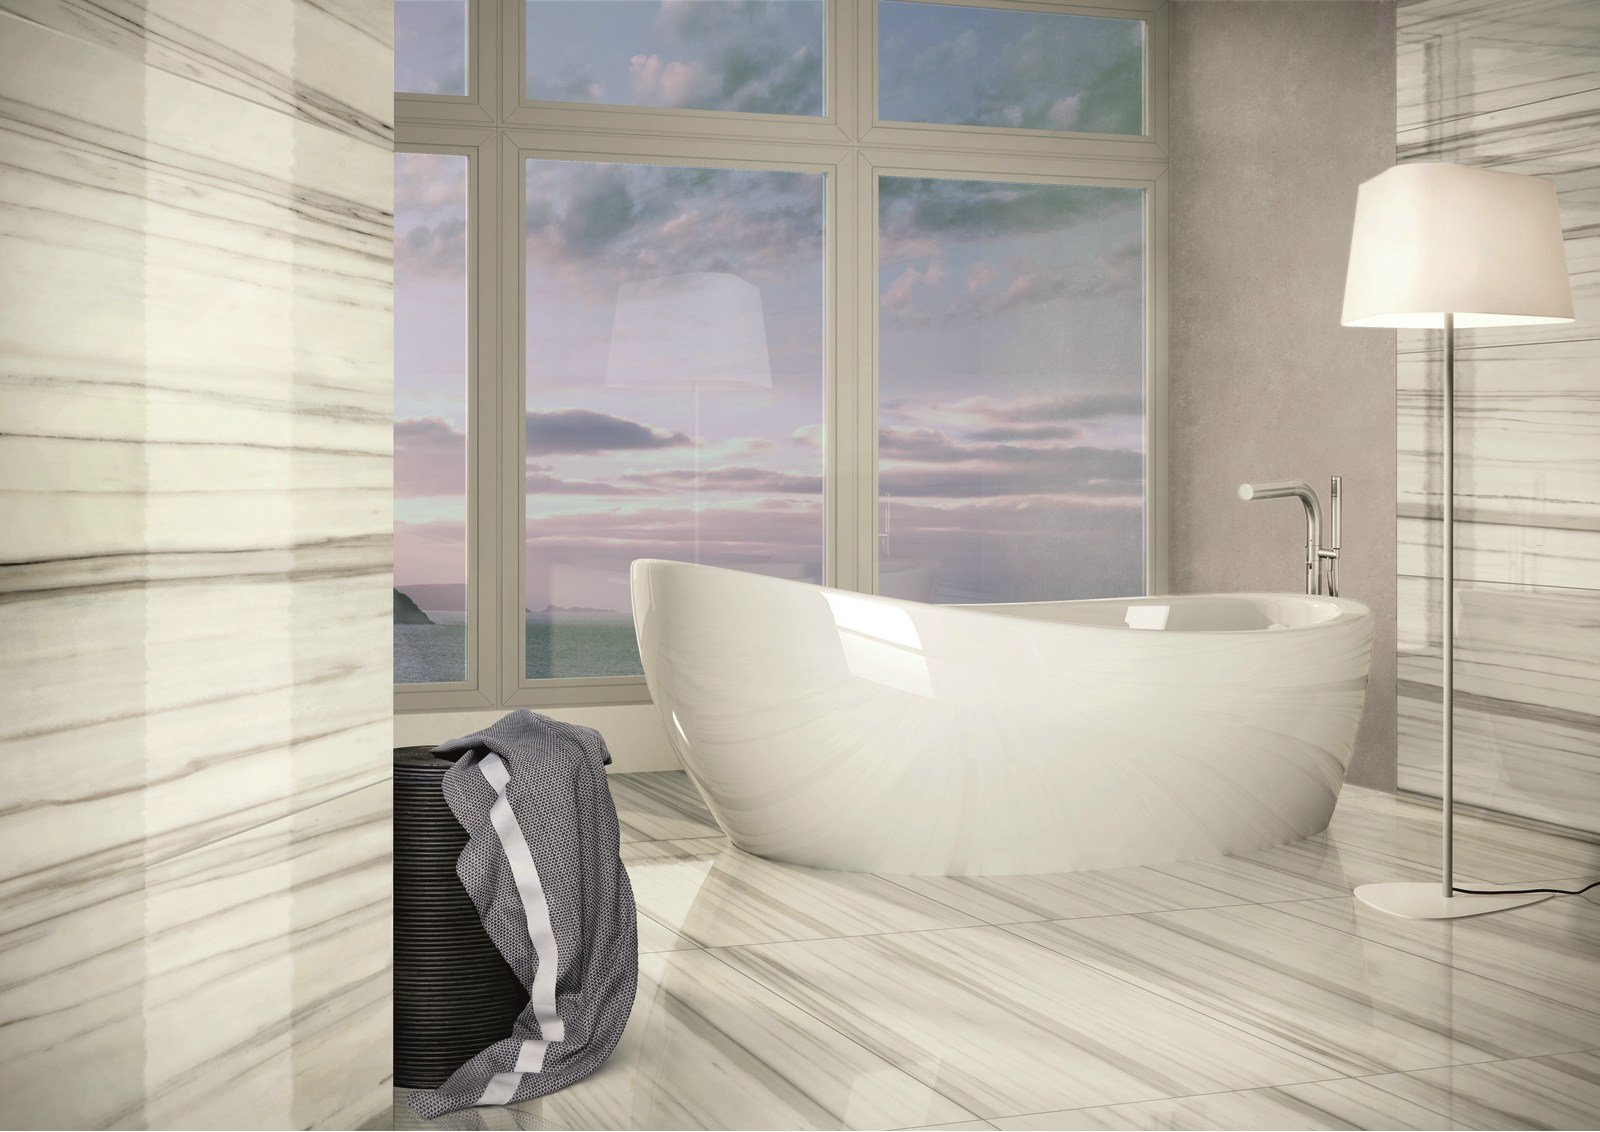 Pavimento rivestimento in gres porcellanato effetto marmo - Piastrelle casalgrande padana ...